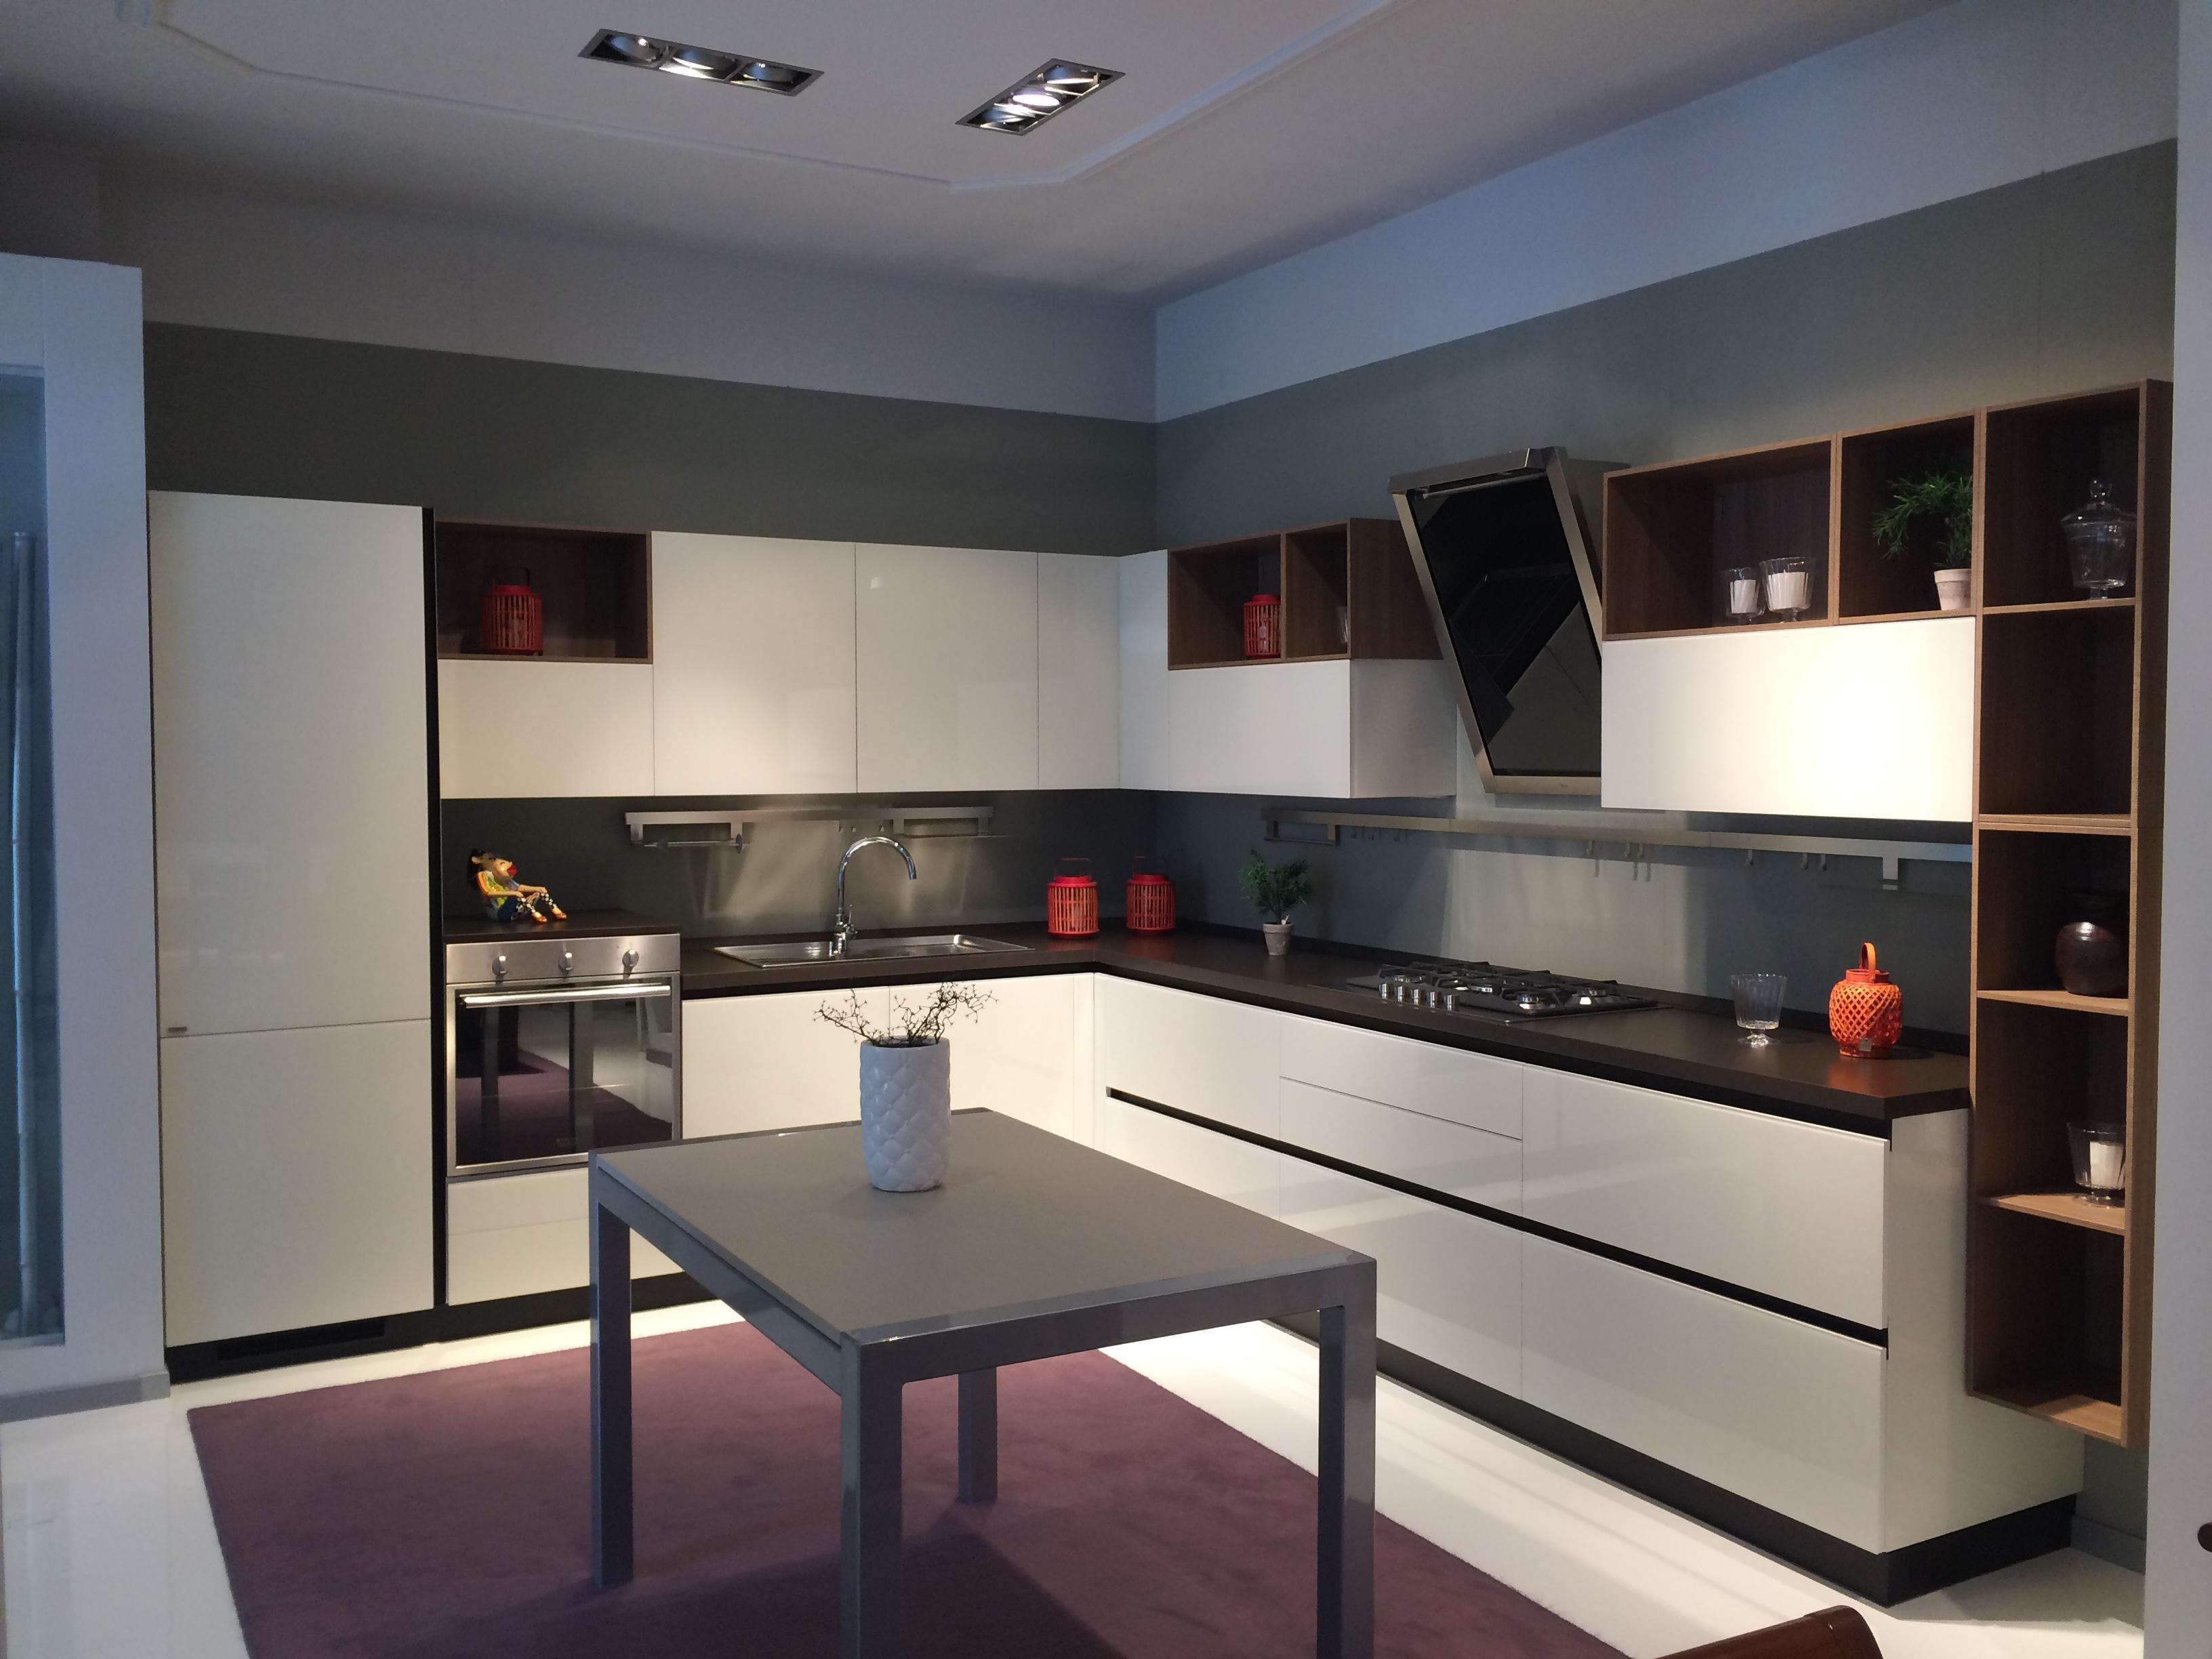 Programma Degli Scavolini Store Scavolini Arredo Cucine Share The  #826949 3264 2448 Programma Per Progettare Cucine In 3d